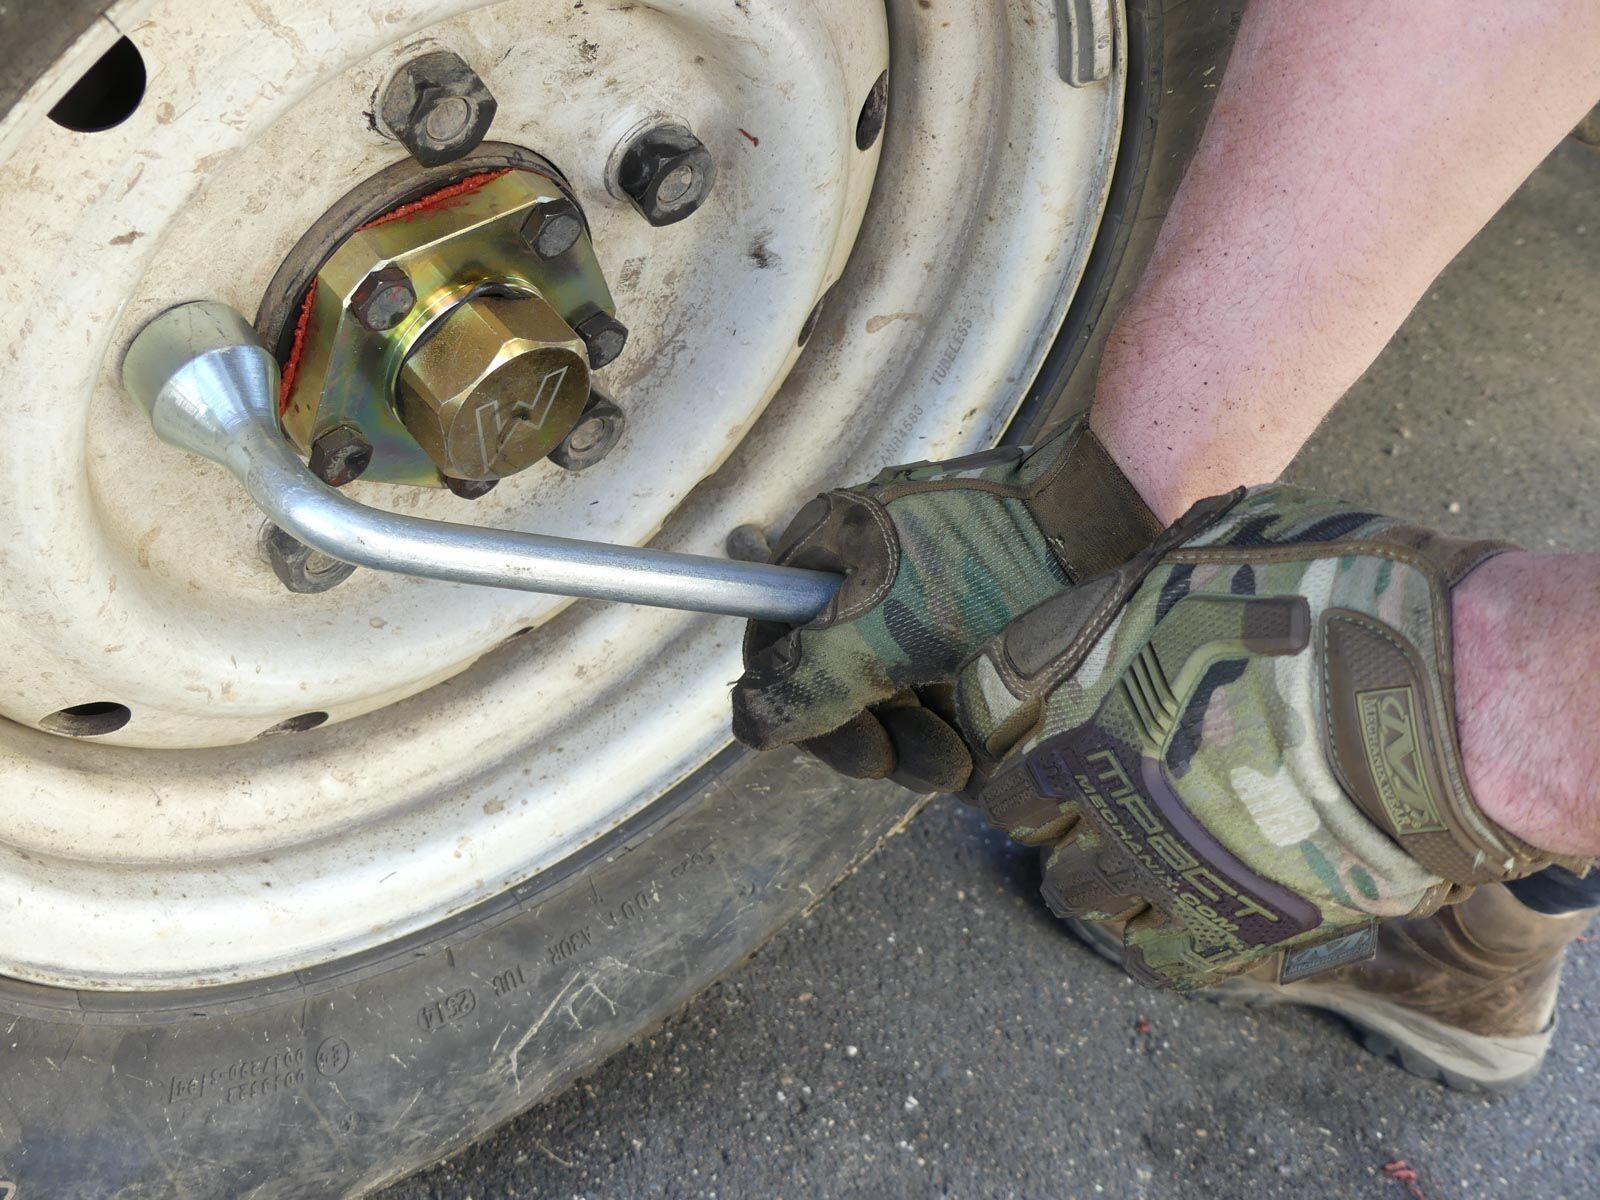 Das Werkzeug liegt sicher in der Hand.